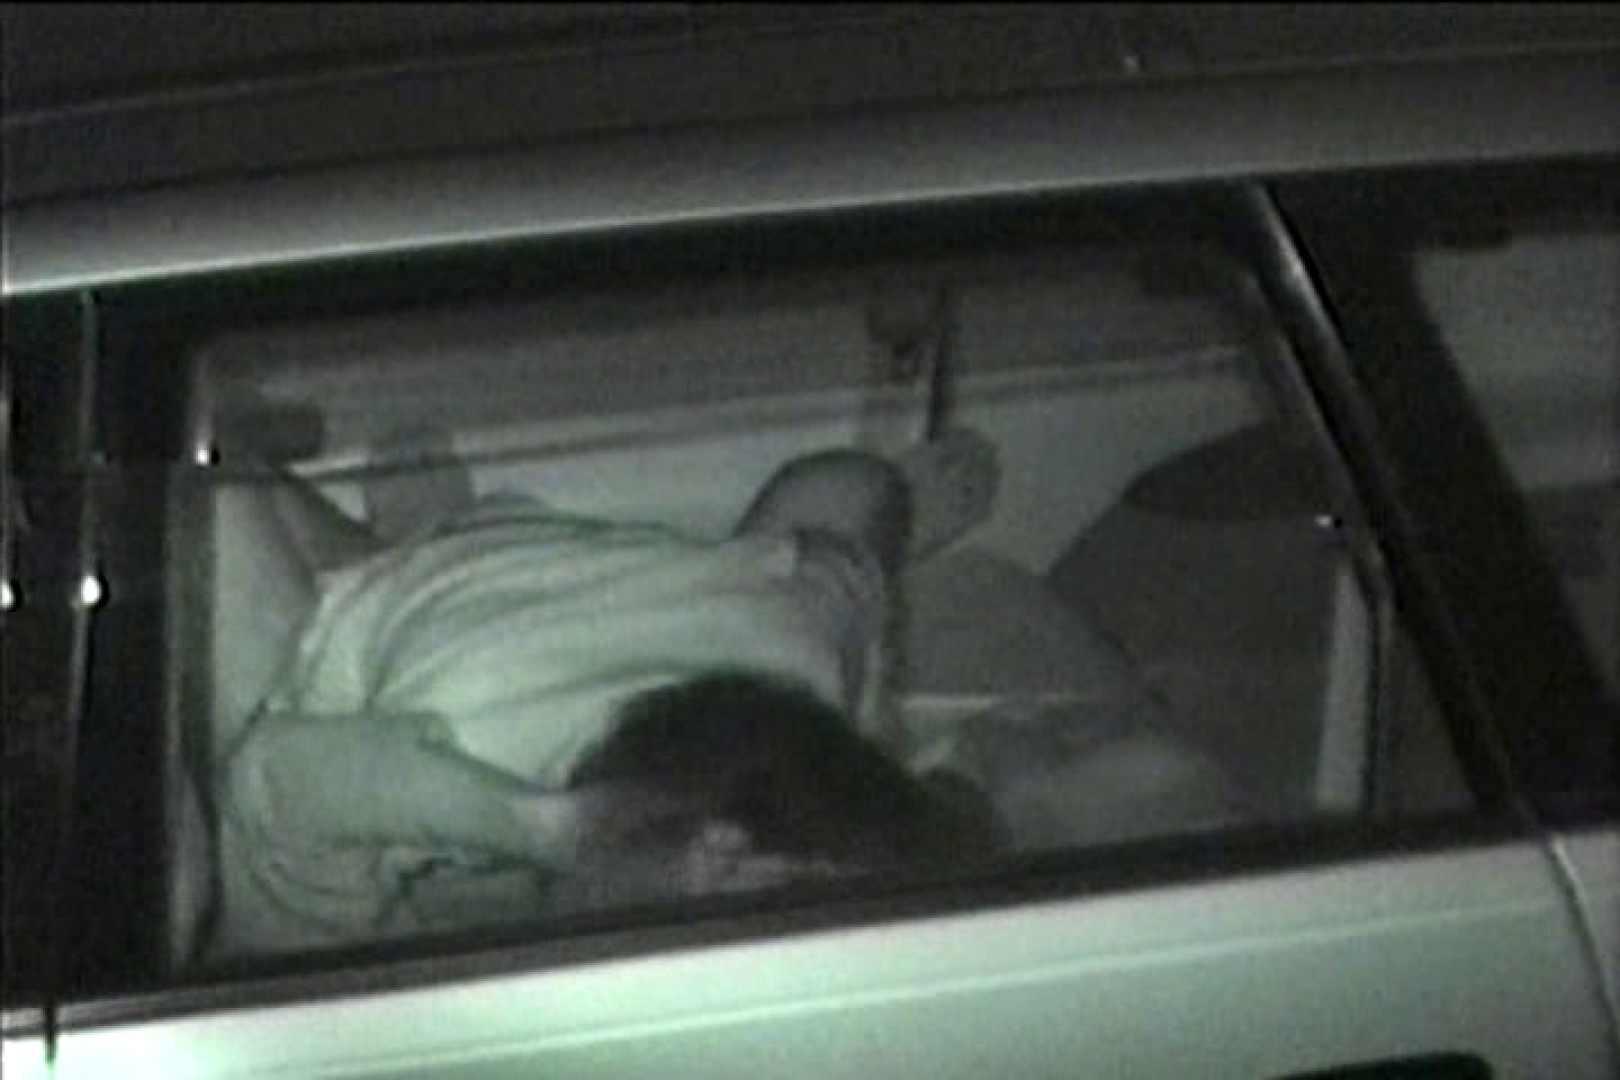 車の中はラブホテル 無修正版  Vol.7 ホテル AV無料動画キャプチャ 60連発 45